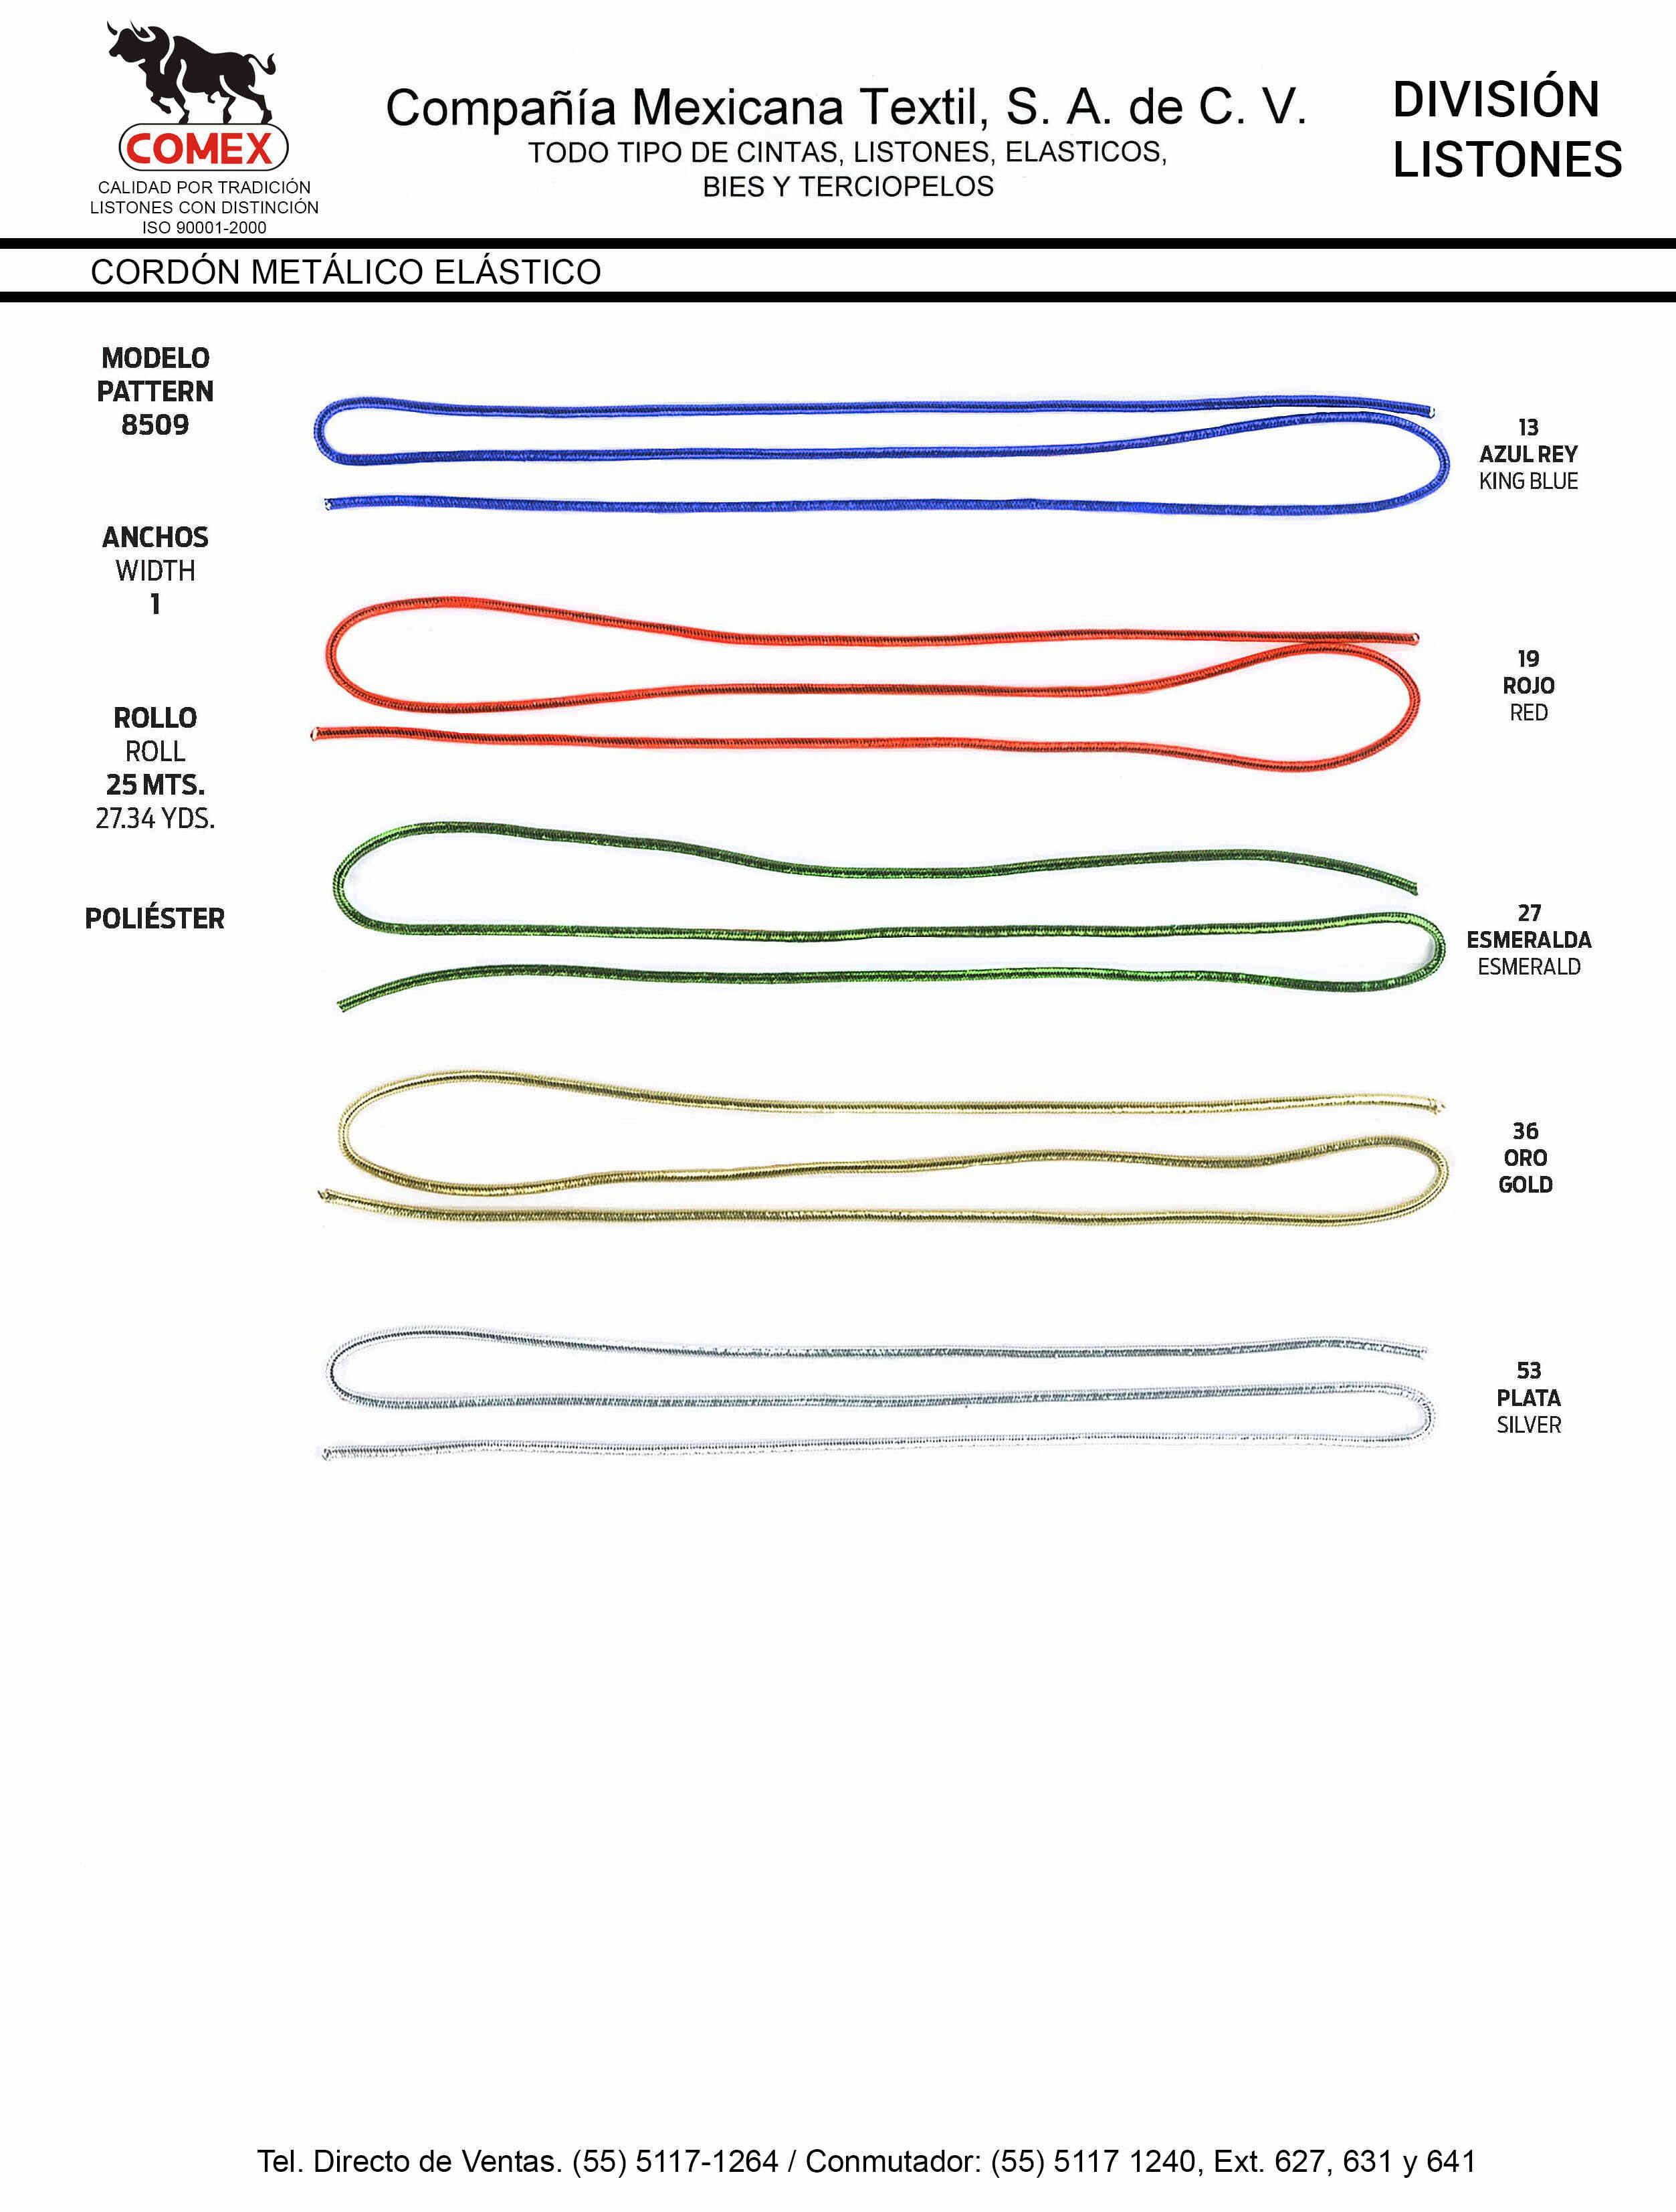 Anchos y Colores de Liston Mod.8509